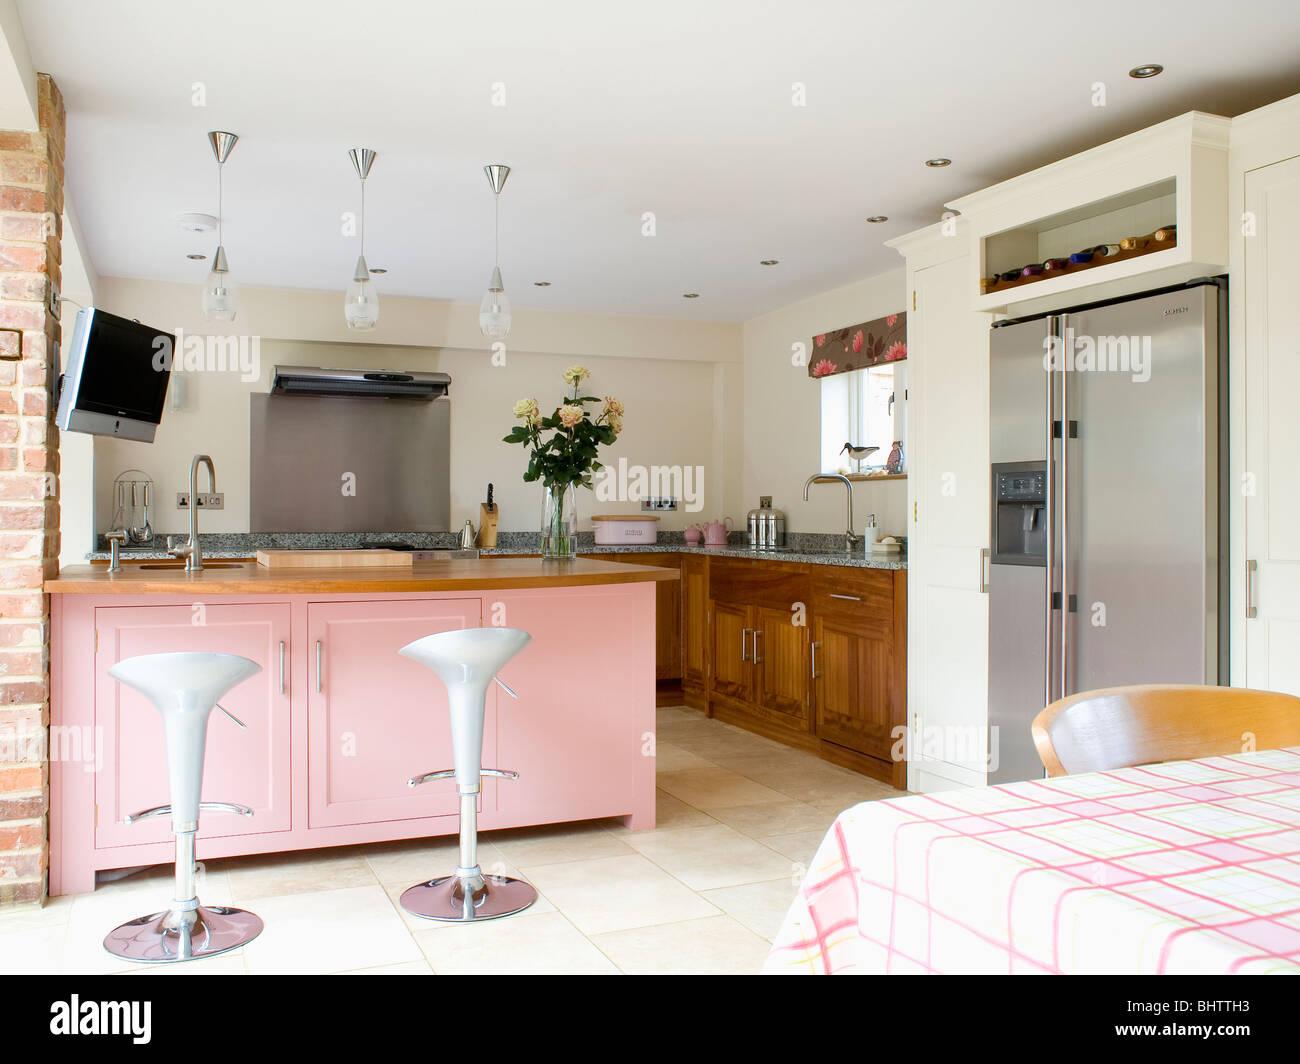 Bombo sgabelli a colazione bar sul rosa pastello unità peninsulare